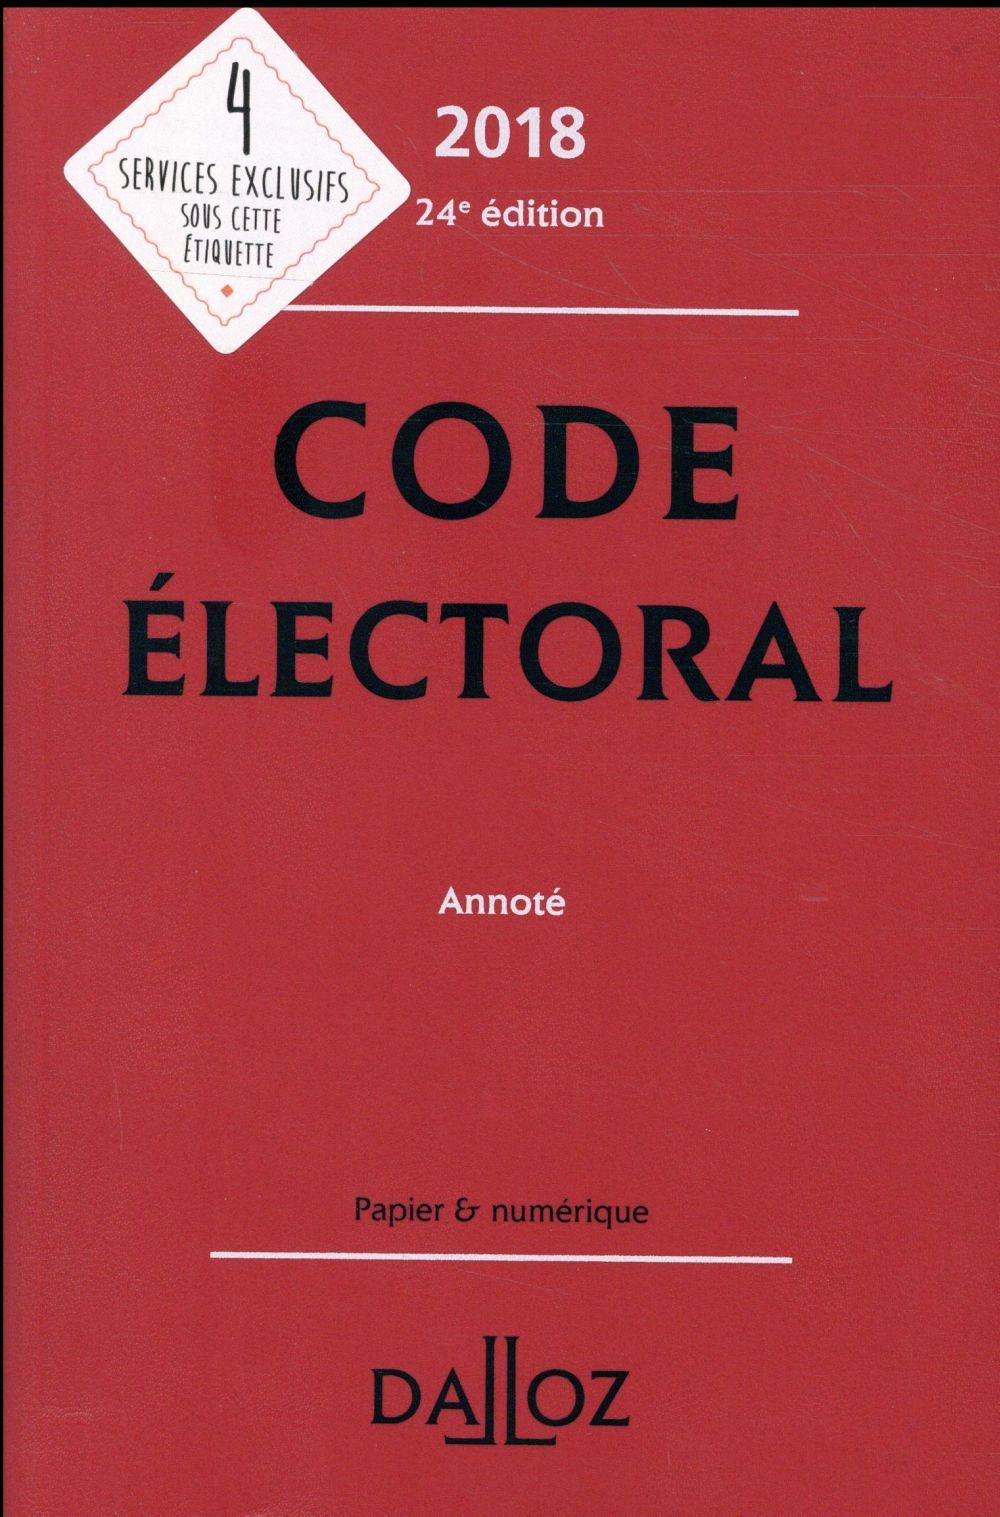 Code électoral annoté (édition 2018)